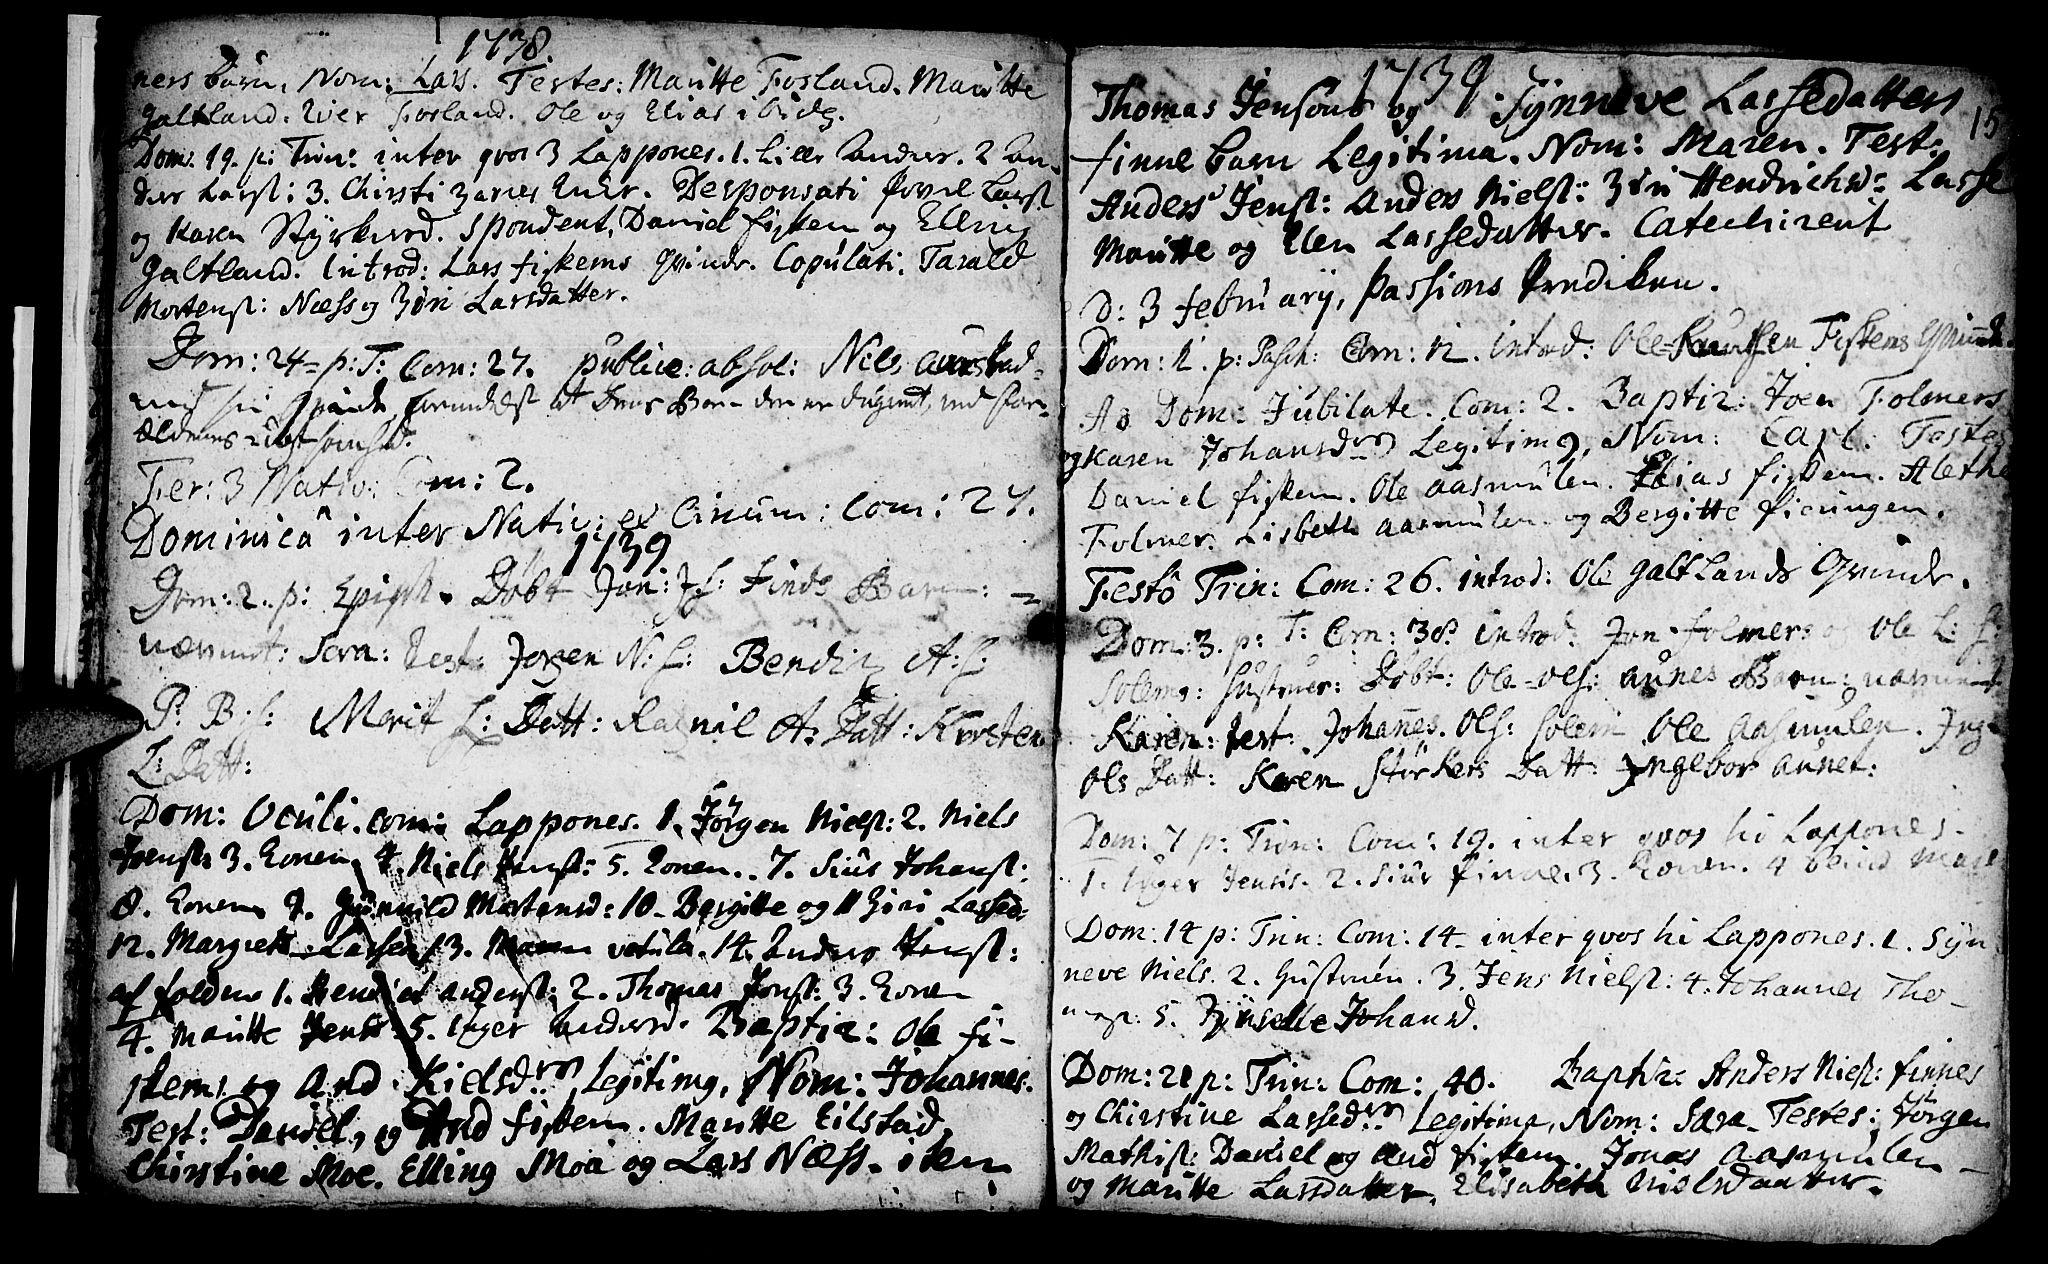 SAT, Ministerialprotokoller, klokkerbøker og fødselsregistre - Nord-Trøndelag, 759/L0525: Ministerialbok nr. 759A01, 1706-1748, s. 15